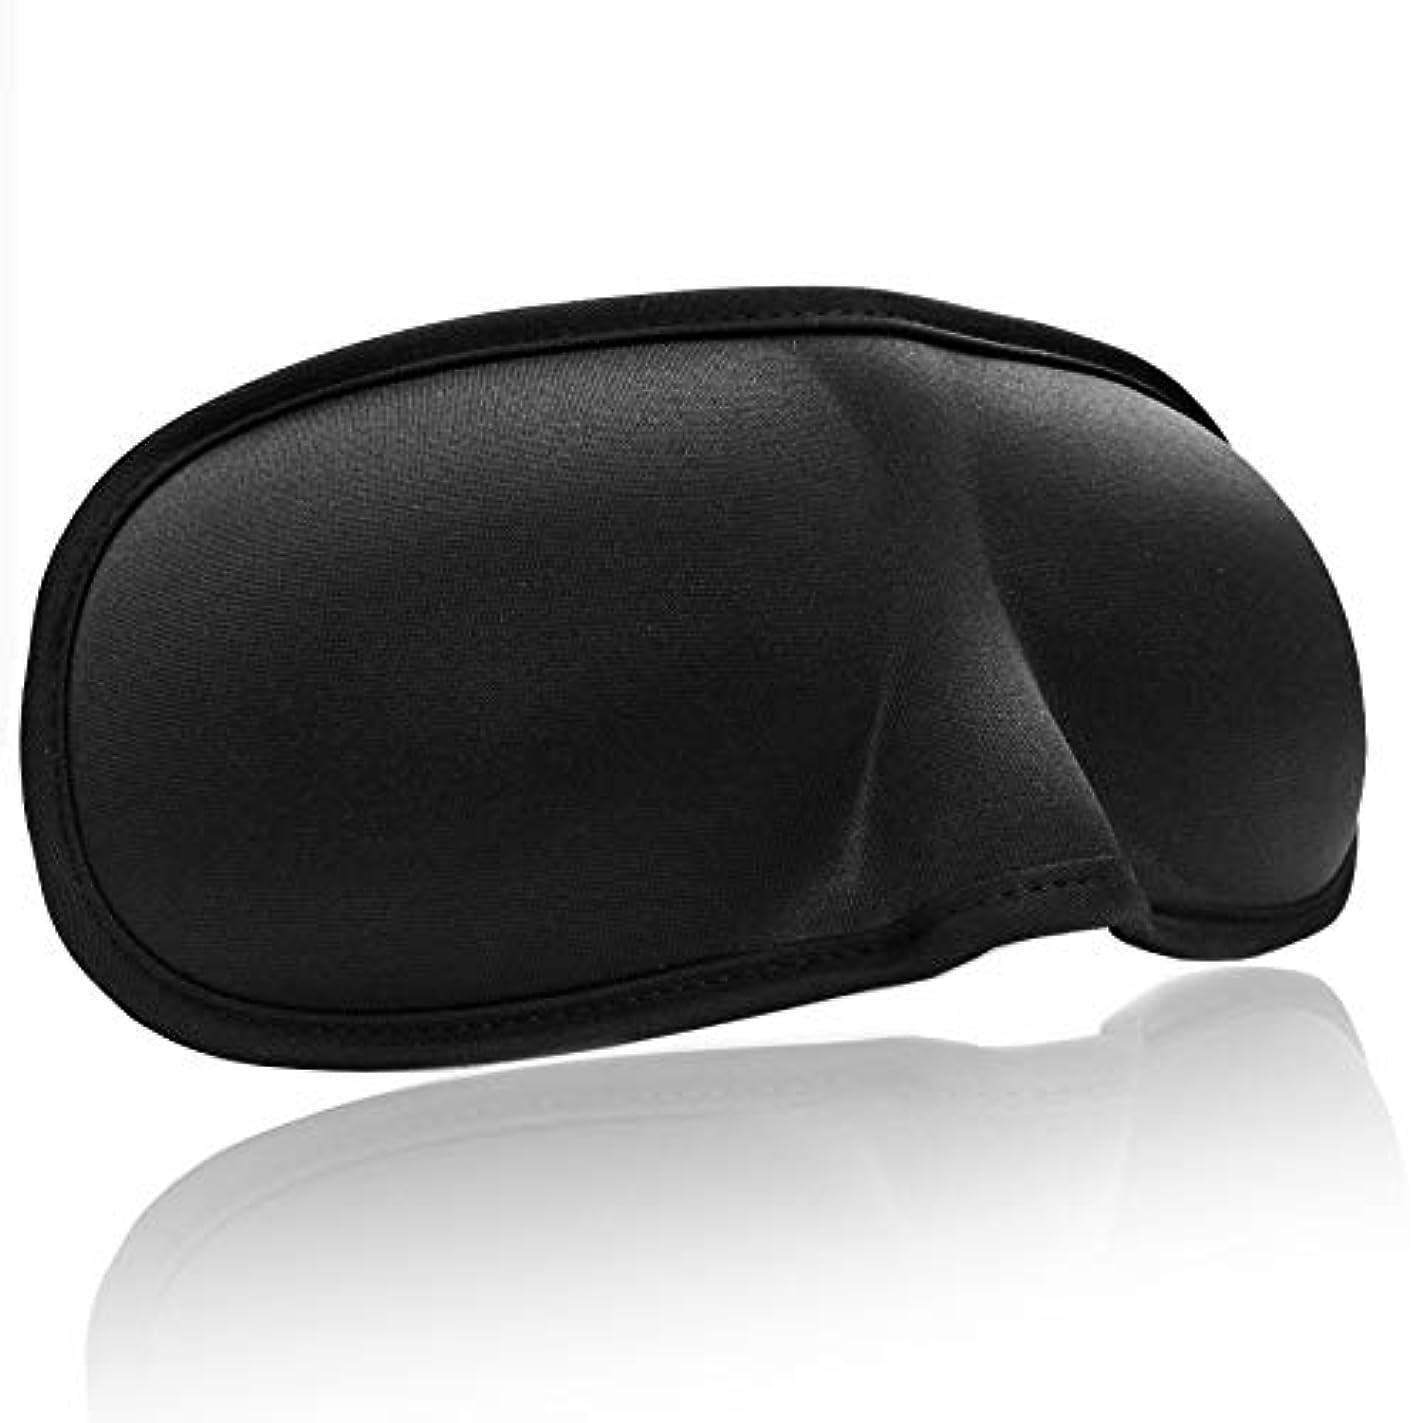 ペースうそつき召集するNOTE ポータブル3dスリーピングアイマスクシェーディングマスク用睡眠ソフト調整可能包帯目にアイシェードカバー旅行アイパッチ+耳栓